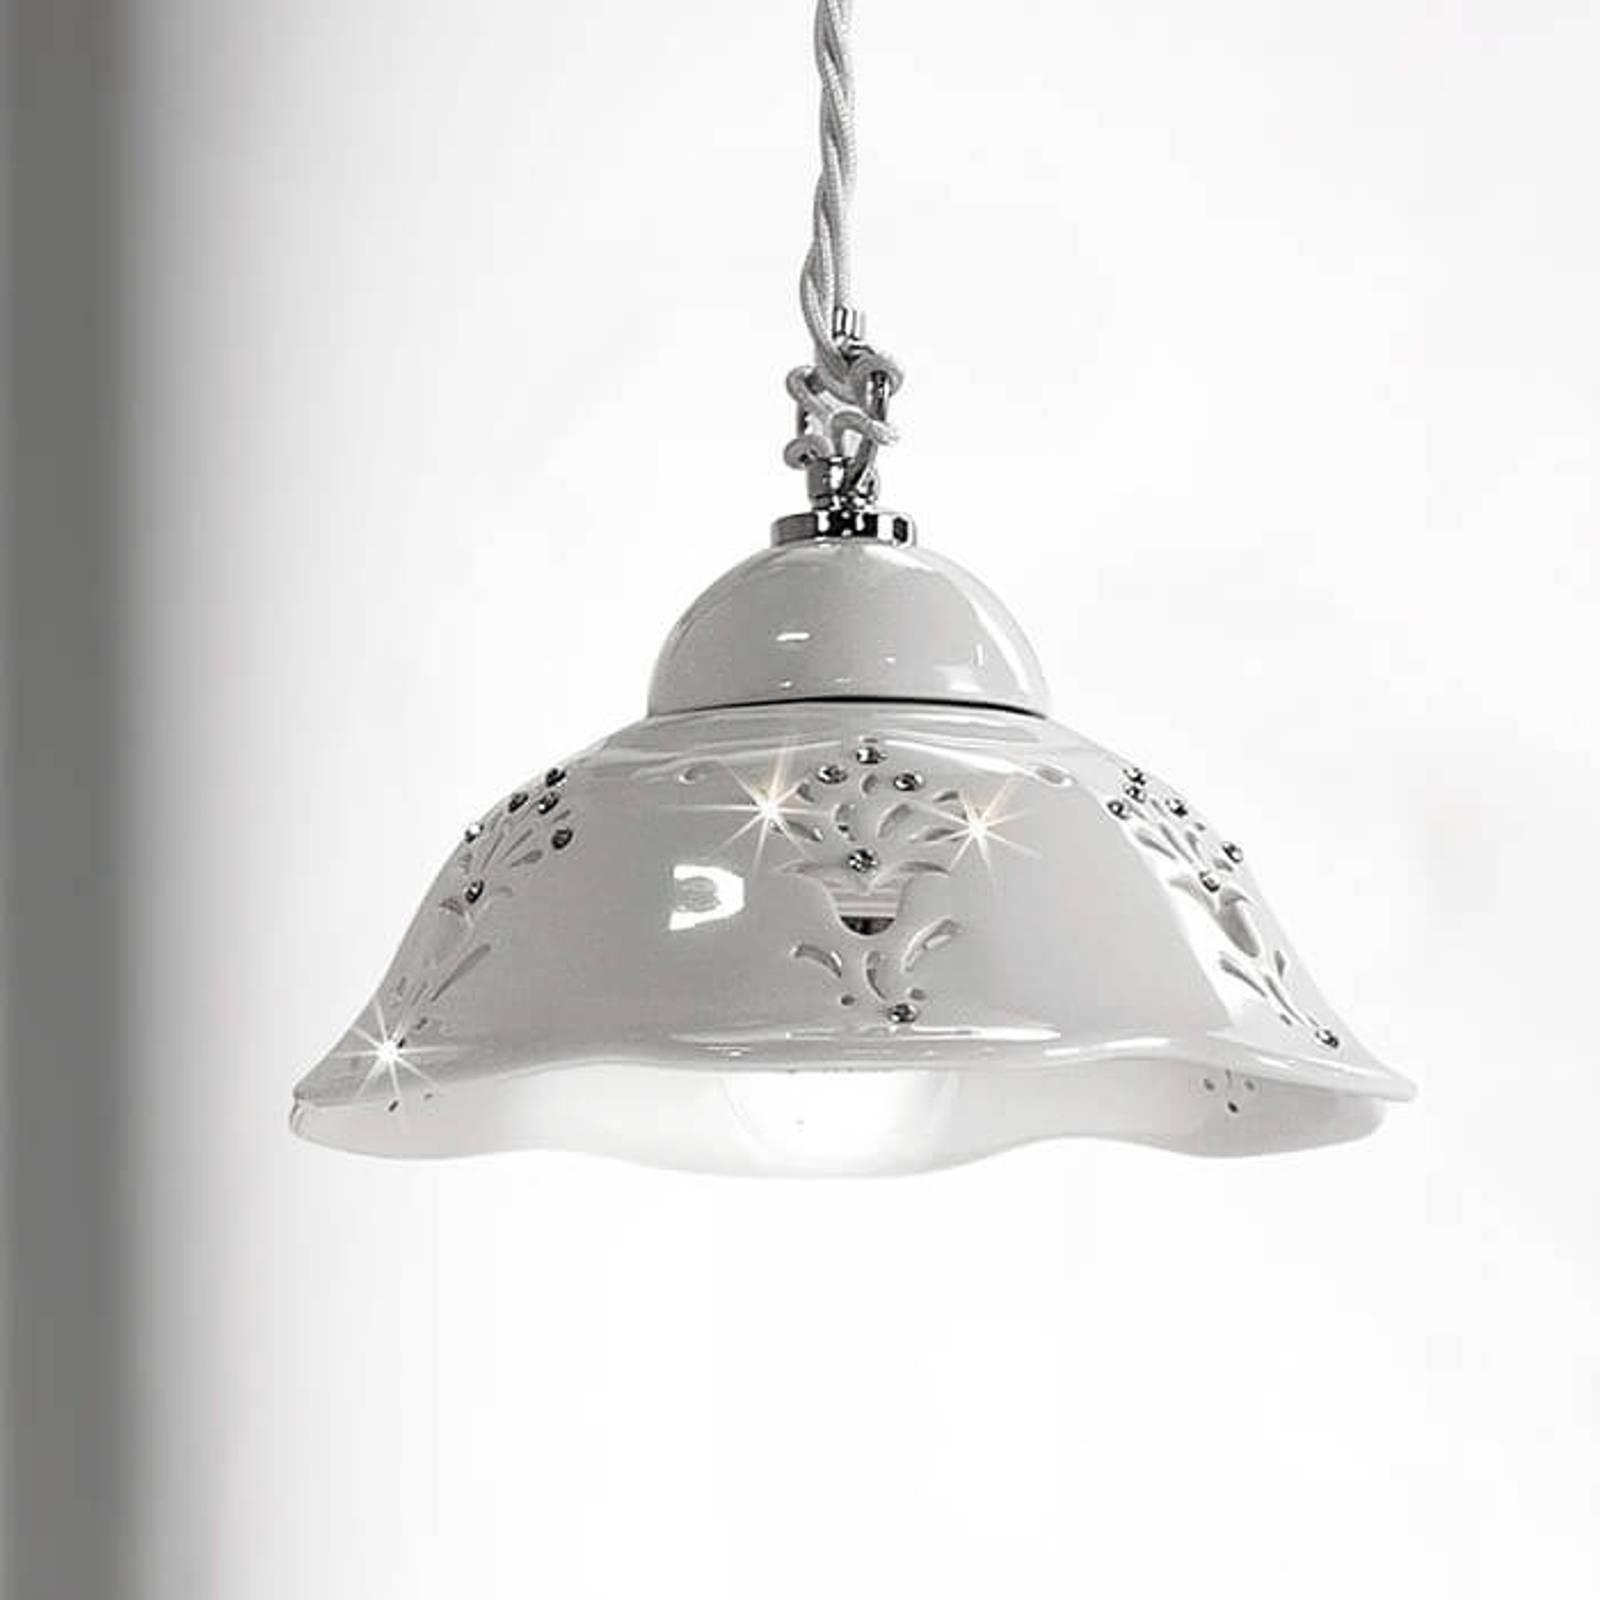 Lampa wisząca Guiliano, ceramiczny klosz, 20,5 cm